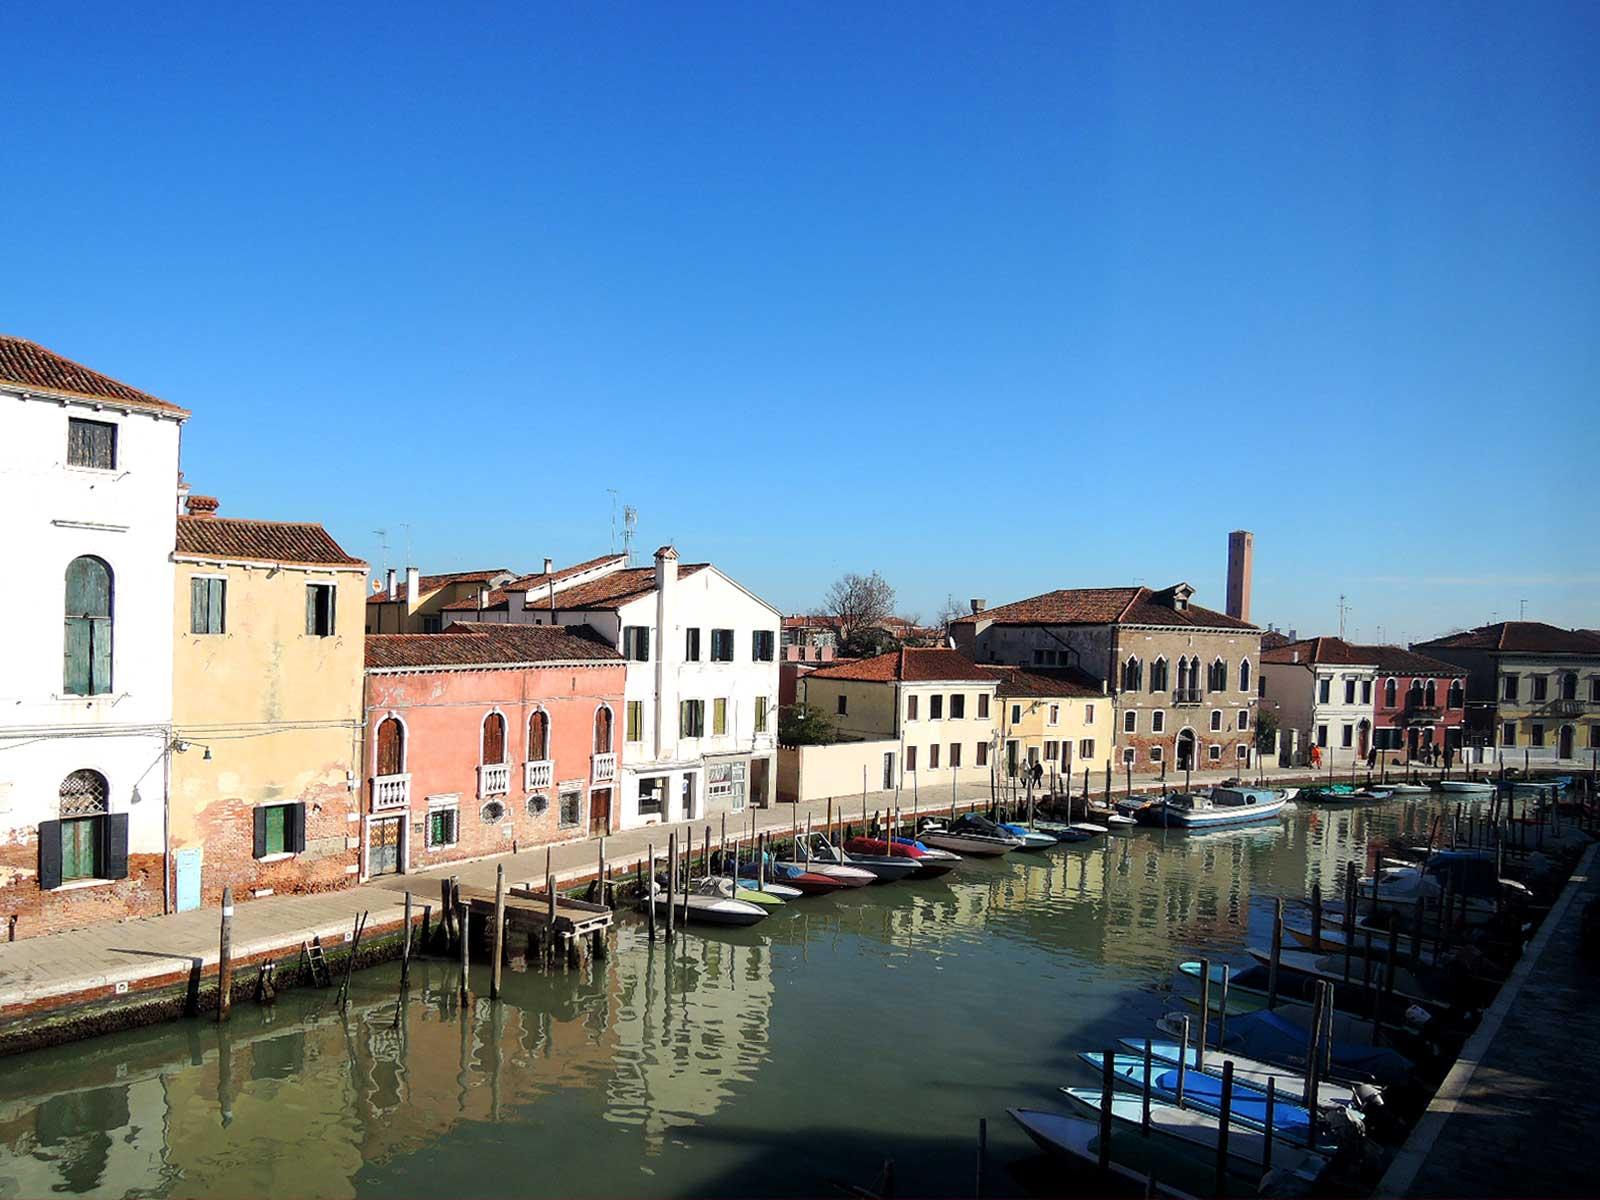 Vista - Canale San Donato